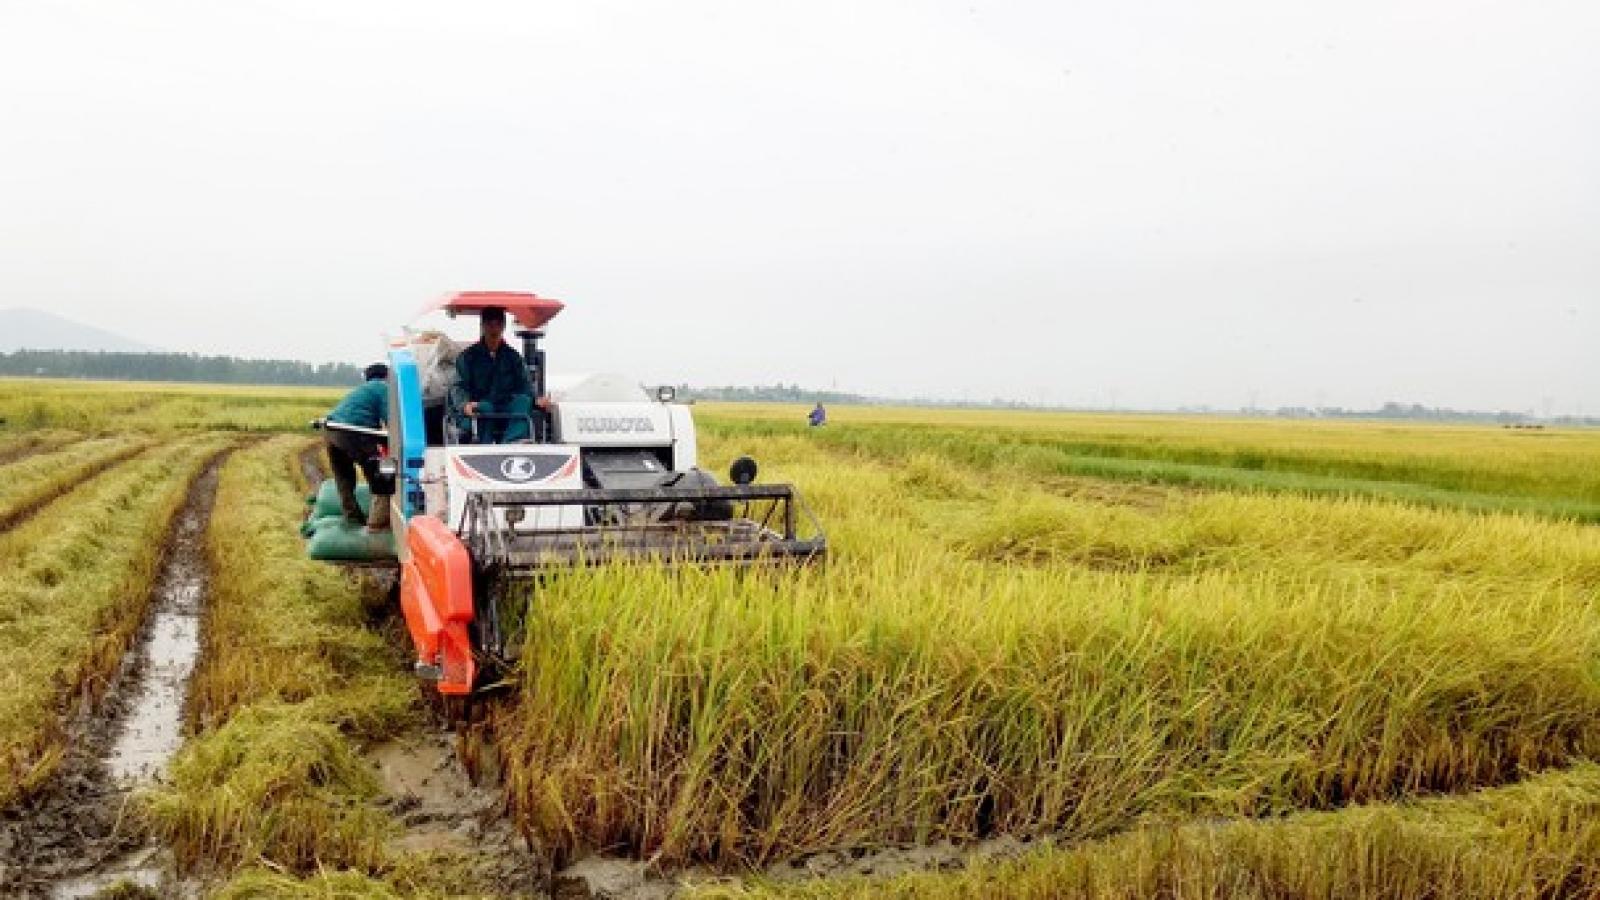 Nghệ An khẩn trương thu hoạch vụ mùa tránh thiệt hại do bão